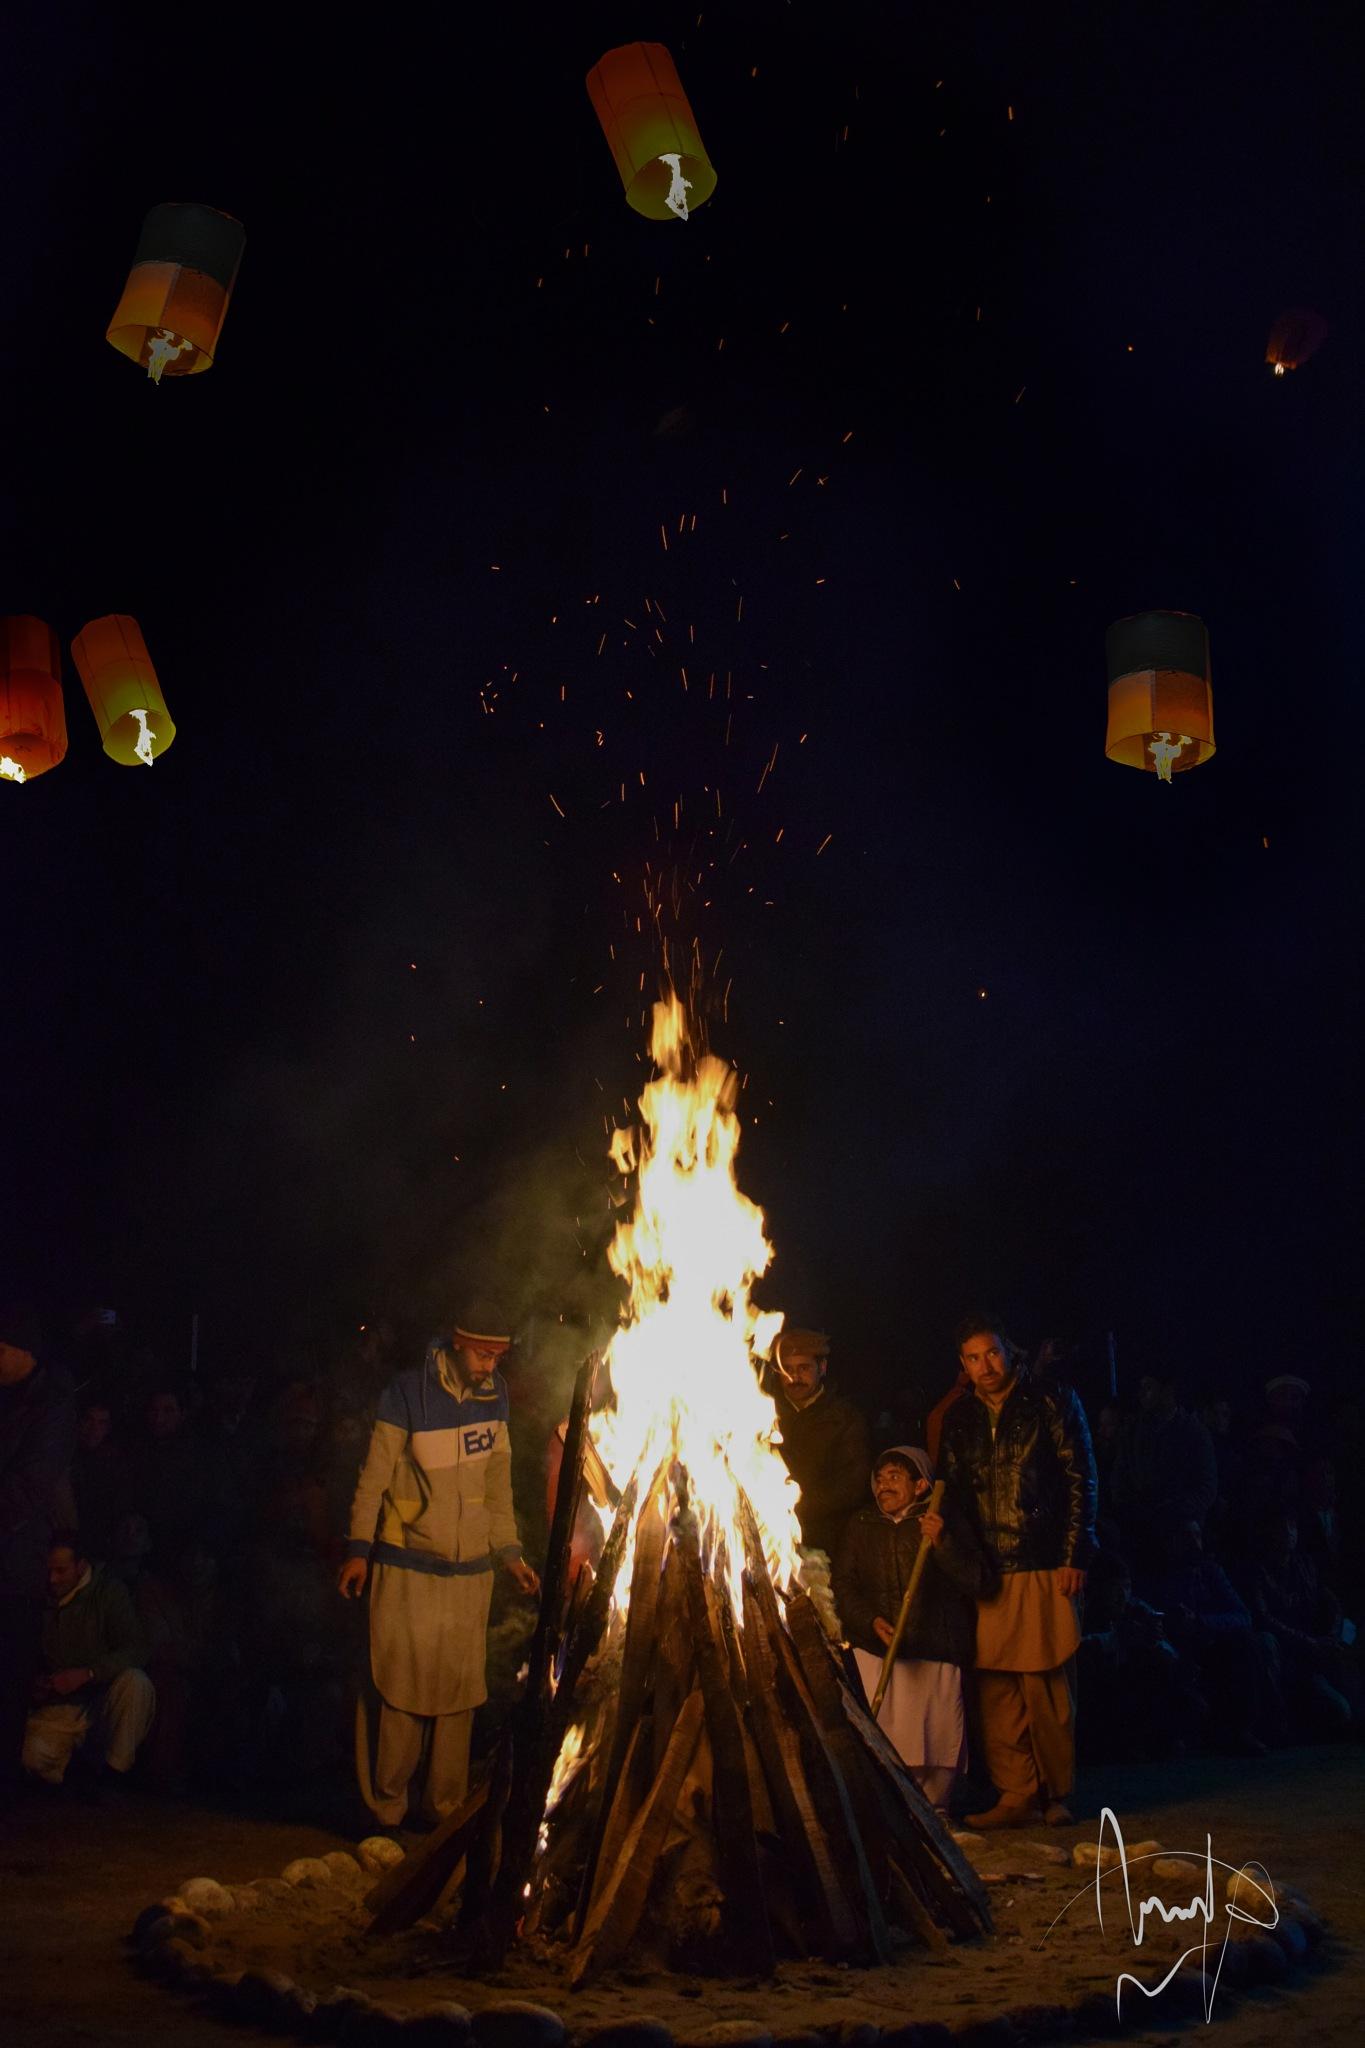 fire by Abrar khawaja